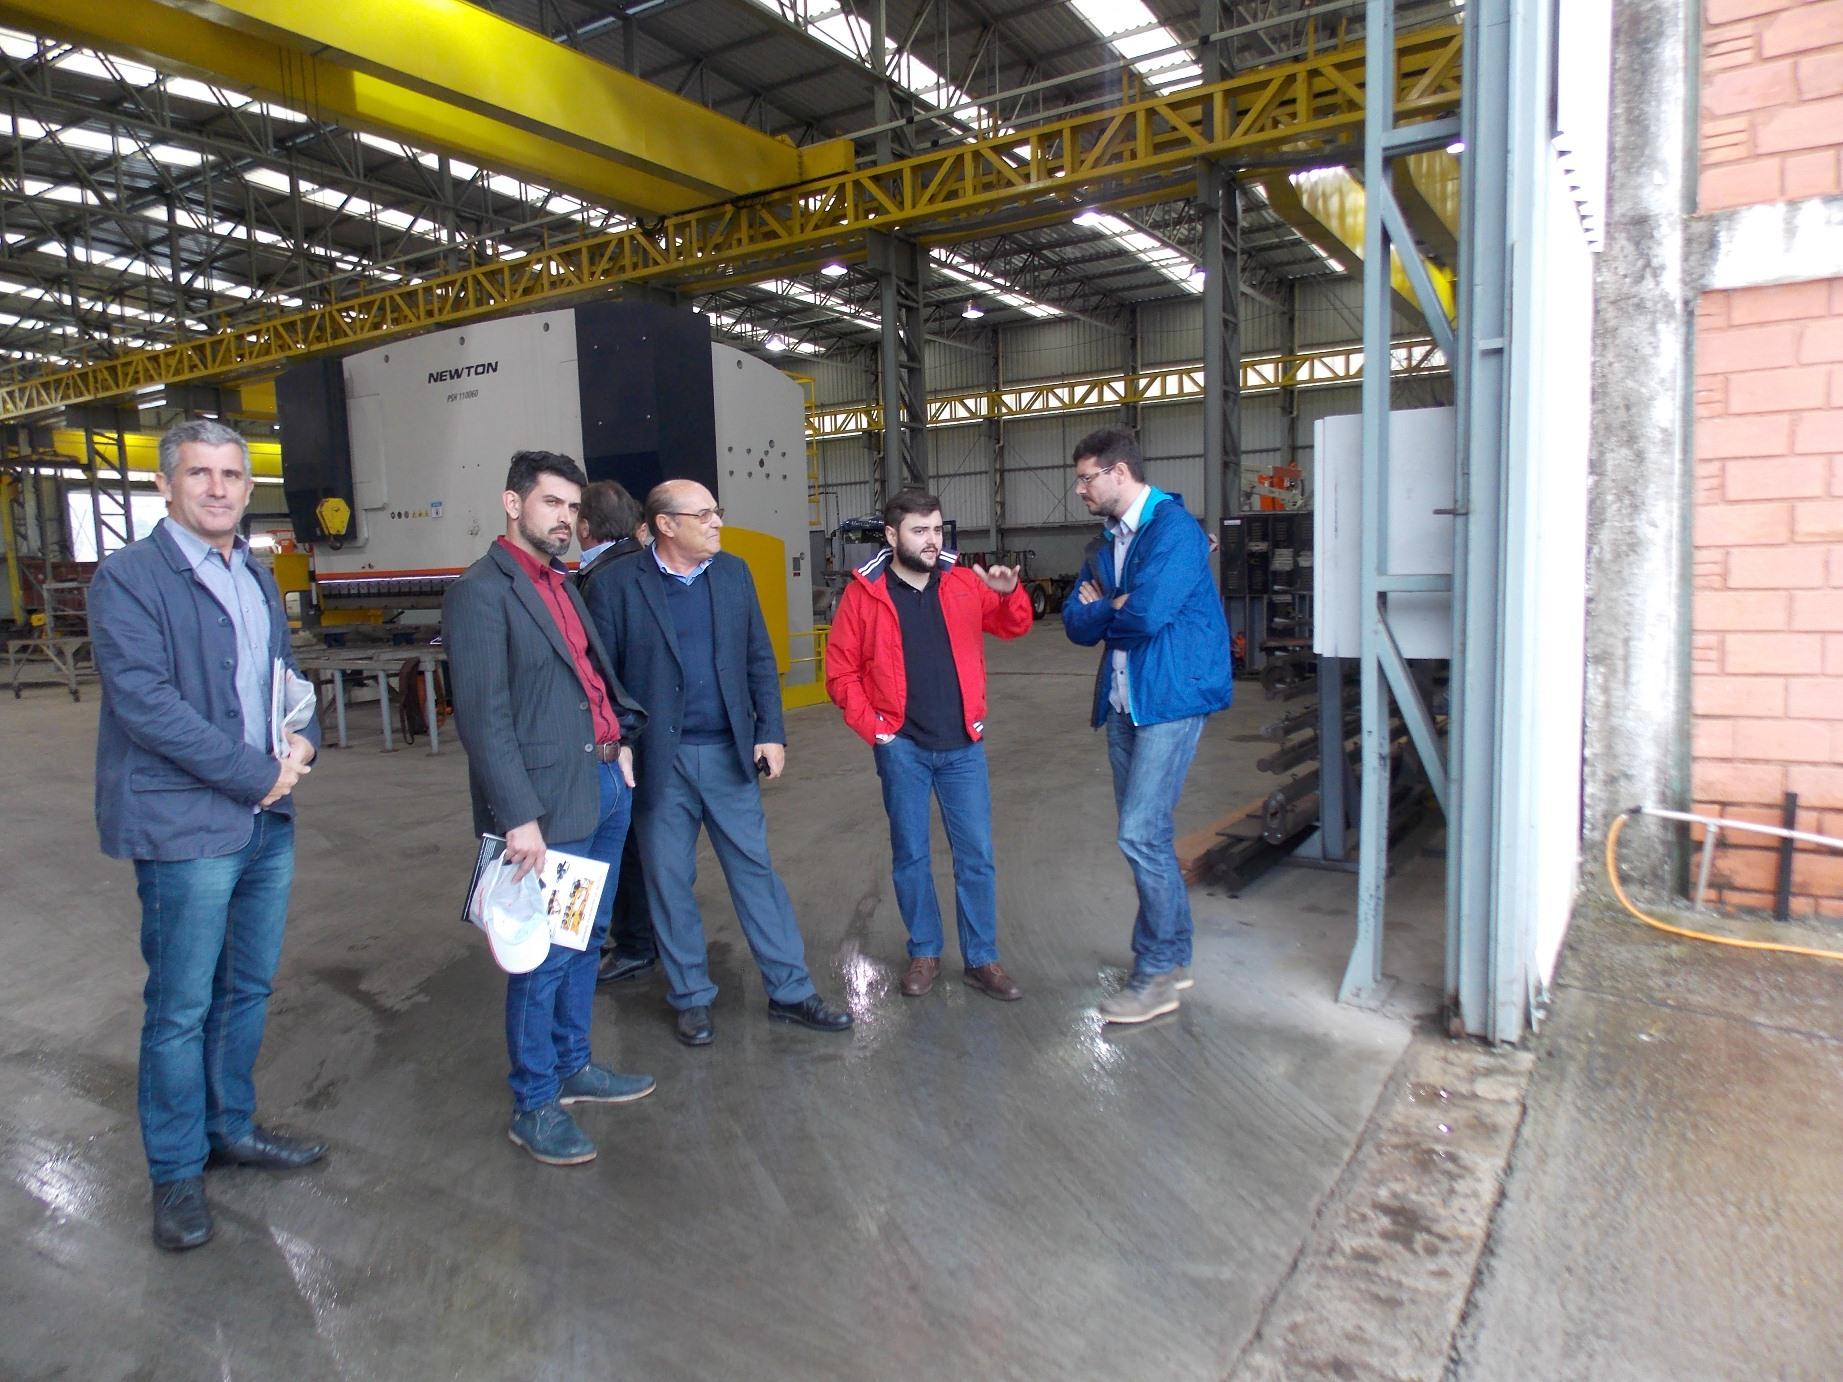 deputado visita imap - Deputado Gabriel Souza visita a Imap